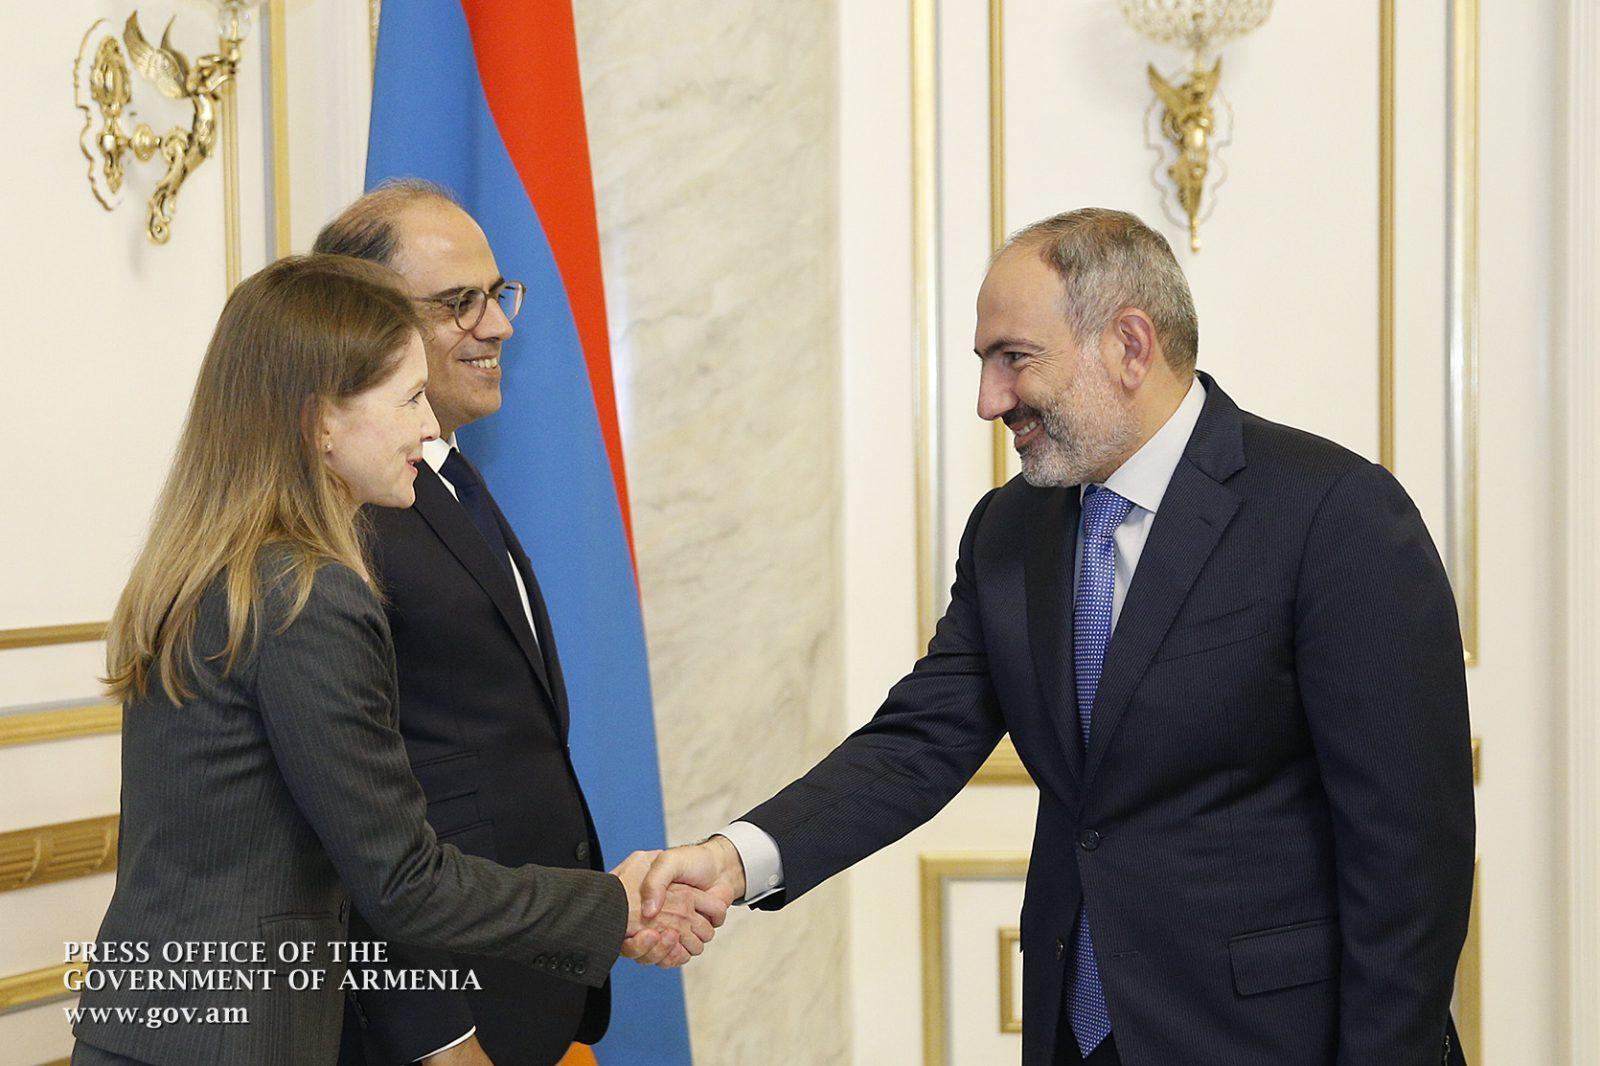 Հայաստանը հուսալի գործընկեր է ԱՄՀ համար. Ջիհադ Ազուր